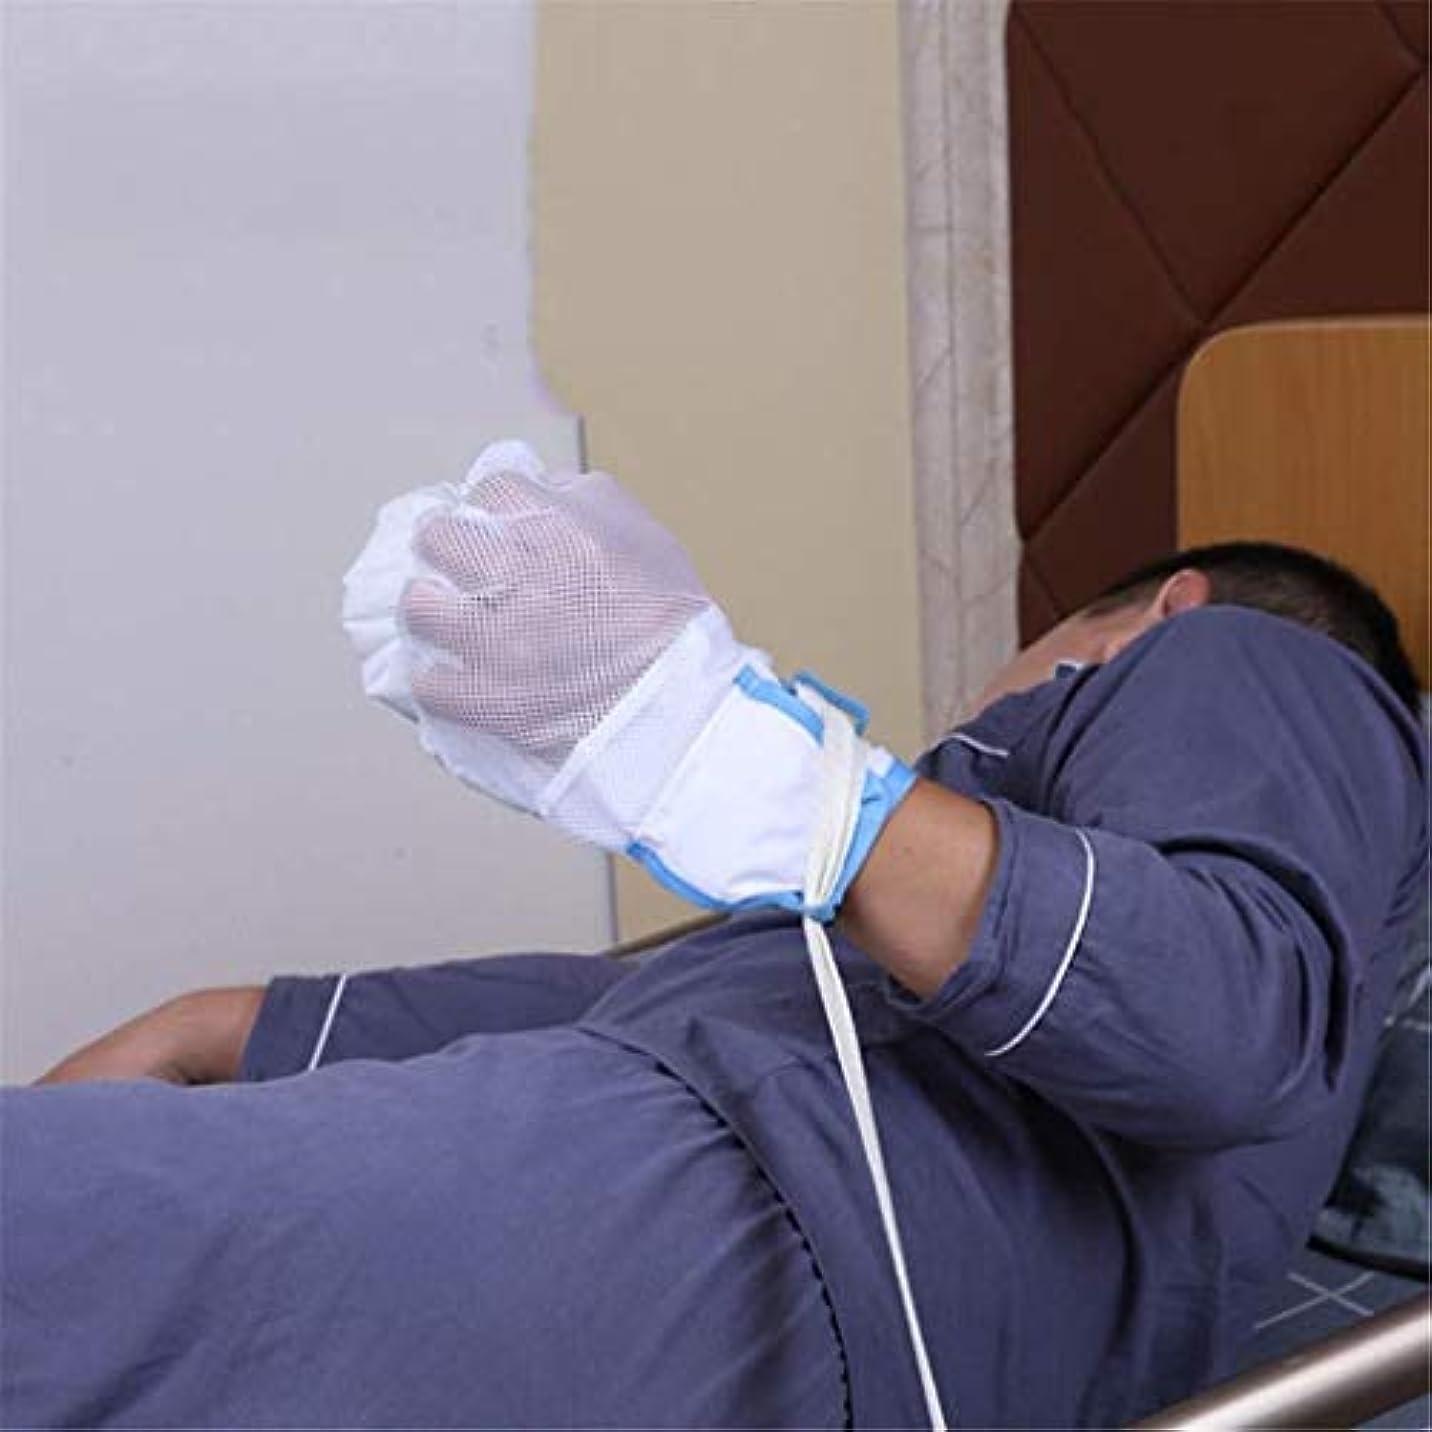 エントリパプアニューギニアリボン医療用拘束具患者用フィンガーコントロールミット、ハンドプロテクター感染防止安全装置パッド入りミット